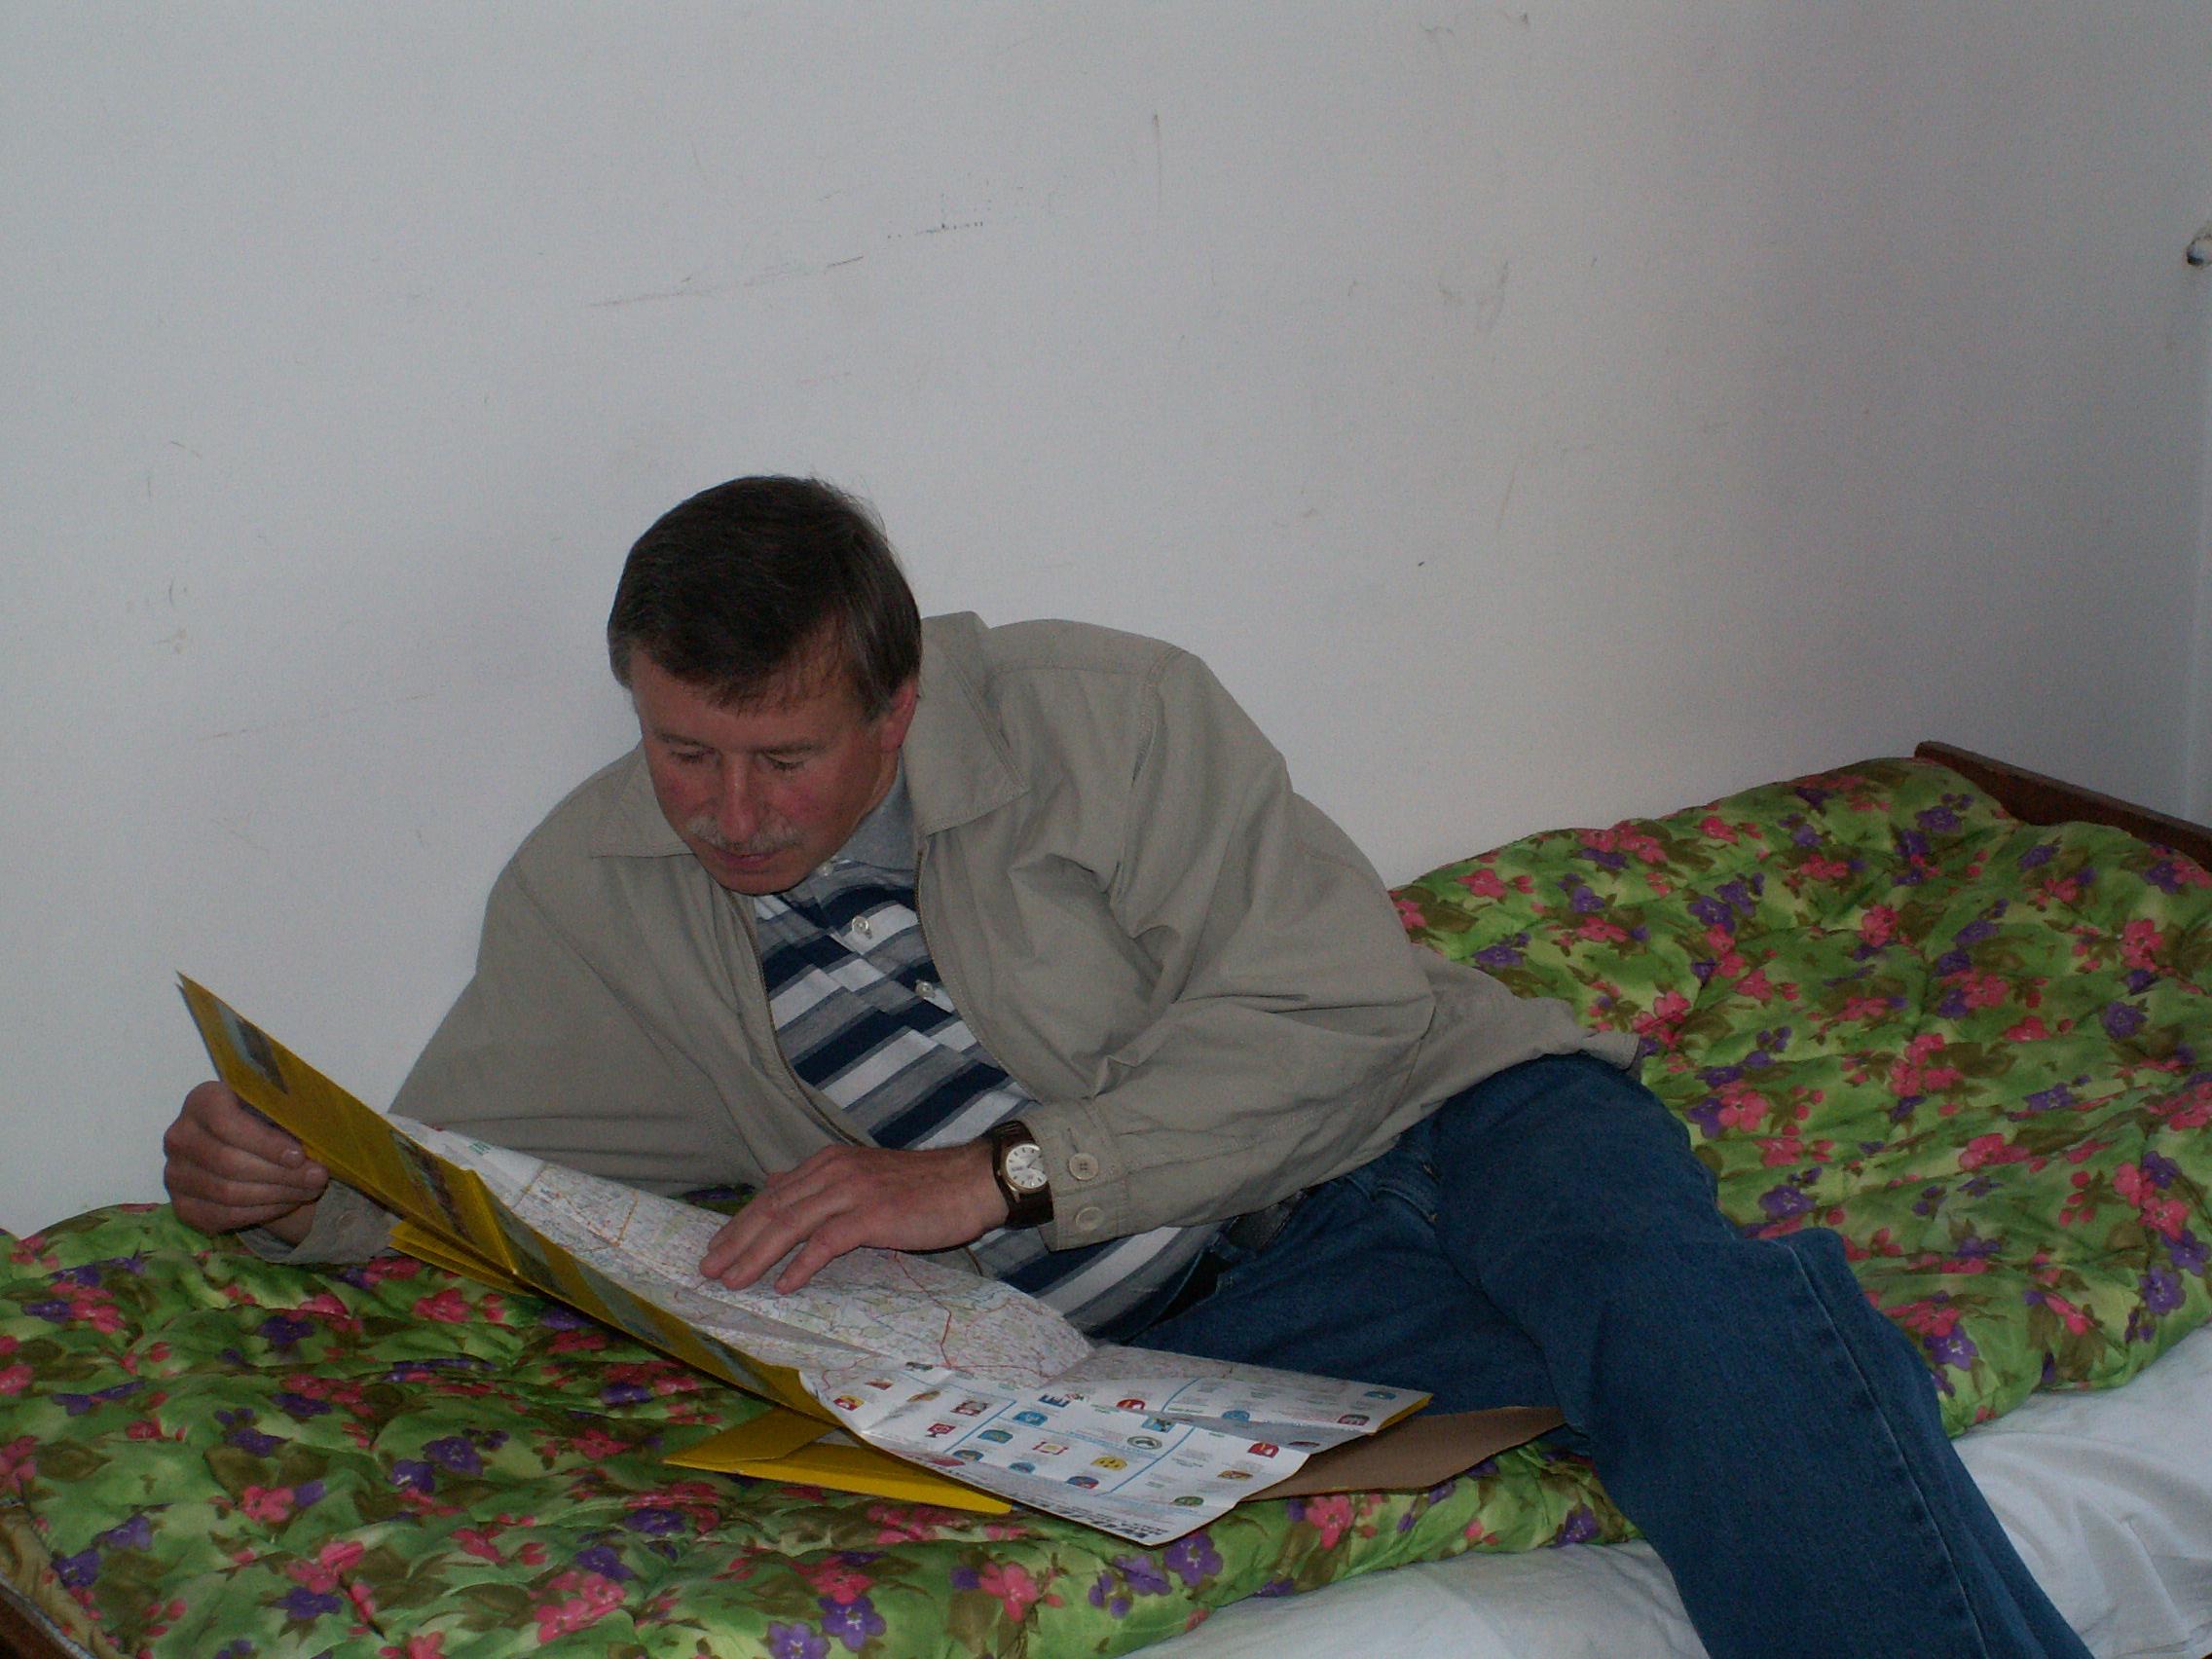 Ekspedicinės grupės vadovas dr. P. Kalnius ryte planuoja ekspedicinės grupės išvykos maršrutą (Punskas, 2005 m.). | Ž. Šaknio nuotr.